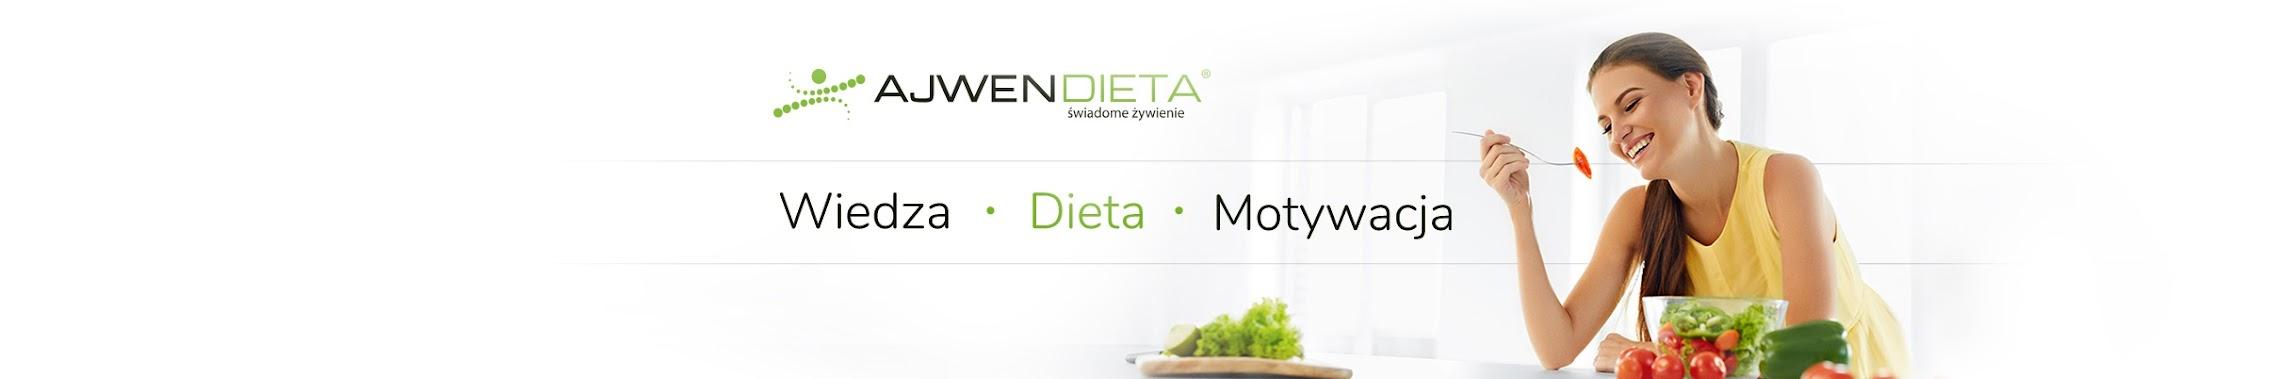 Ajwen Dietetyka Kliniczna